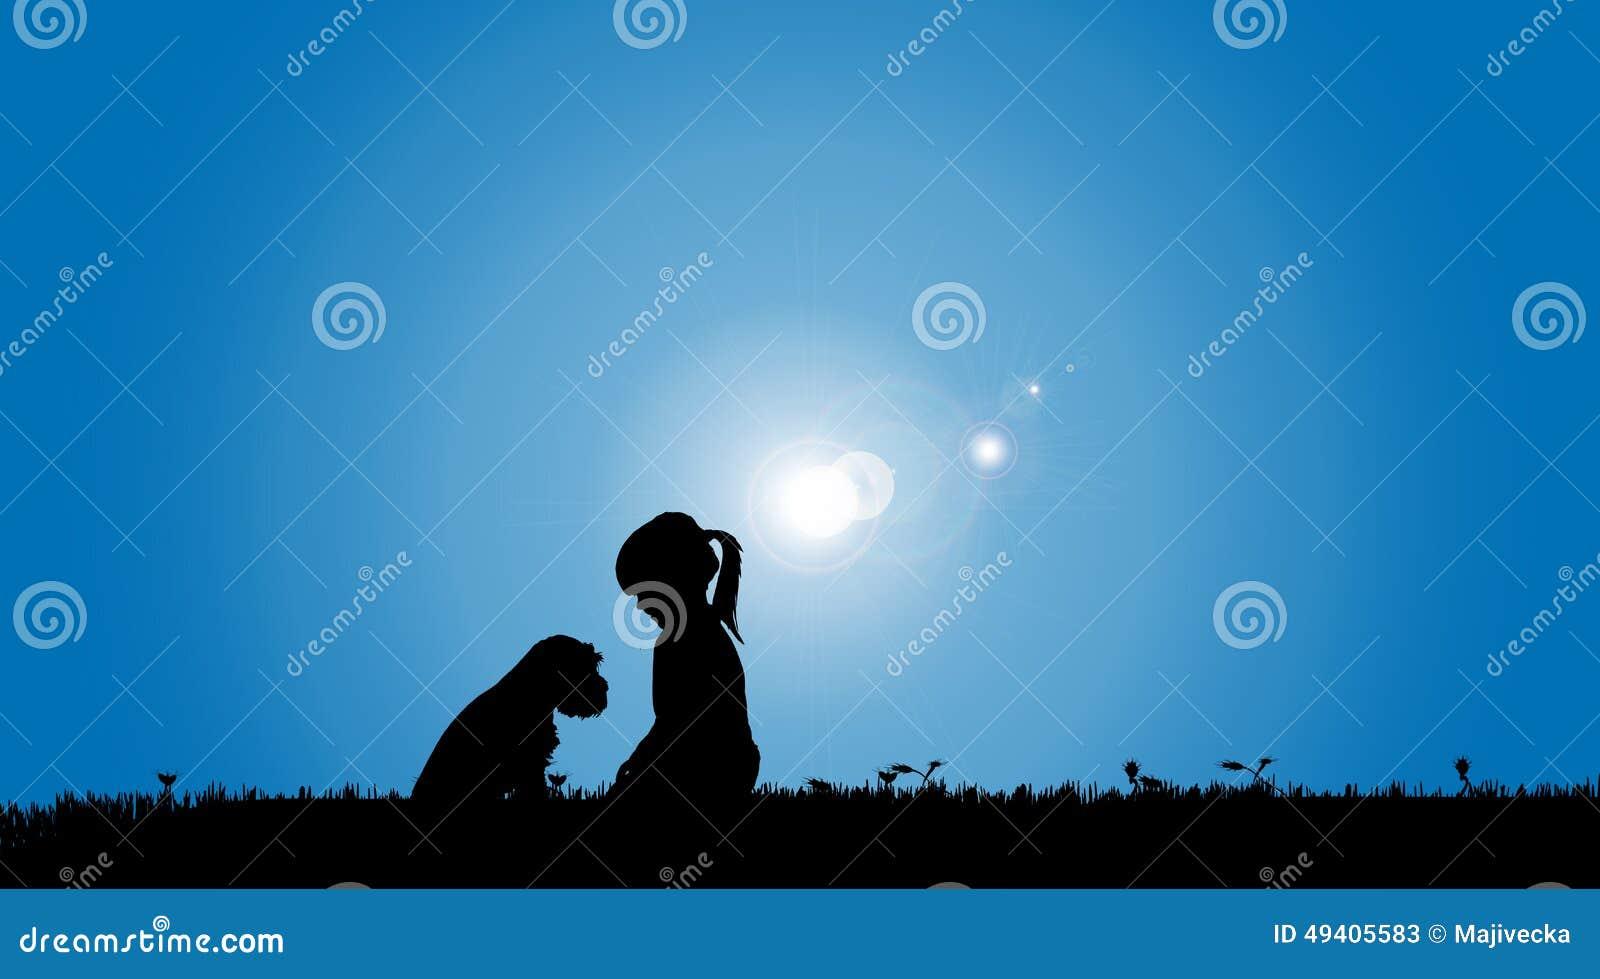 Download Vektorschattenbild Eines Mädchens Vektor Abbildung - Illustration von zusammen, blau: 49405583